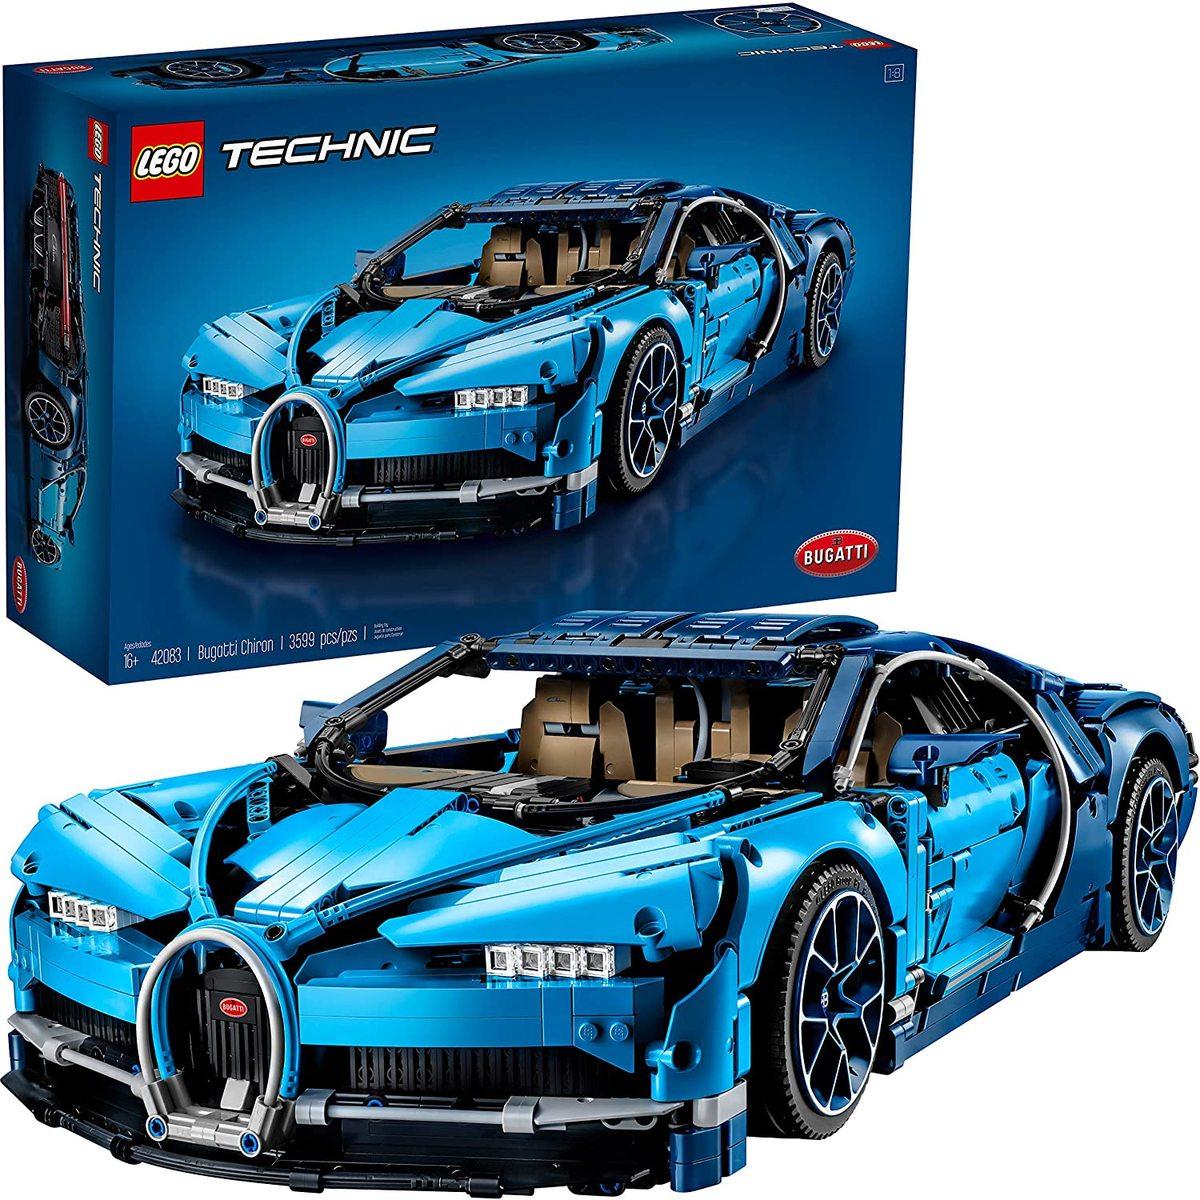 LEGO Technic Bugatti Chiron Collector Model Car - 42083 (Excellent (Grade A) > Refurbished) - £194.30 @ StockMustGo